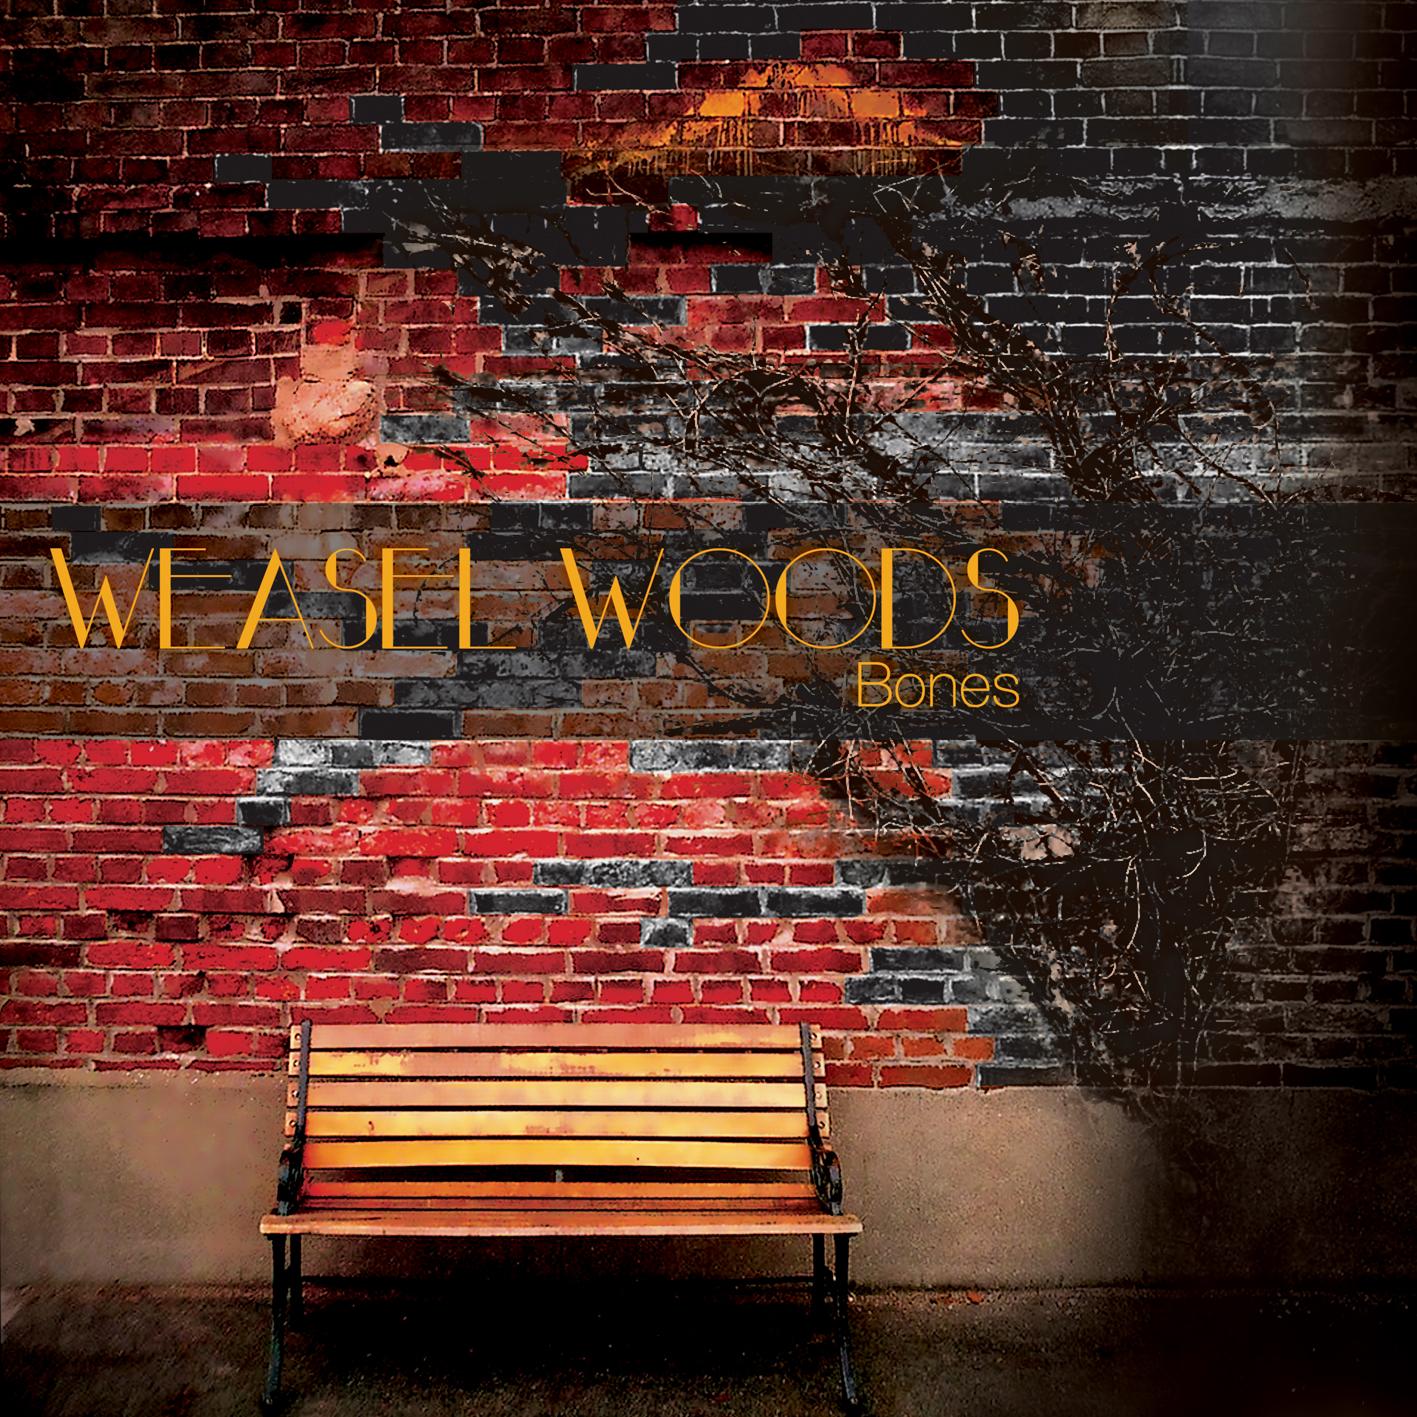 Weasel Woods - Bones   Album Art   RGB 1417x1417